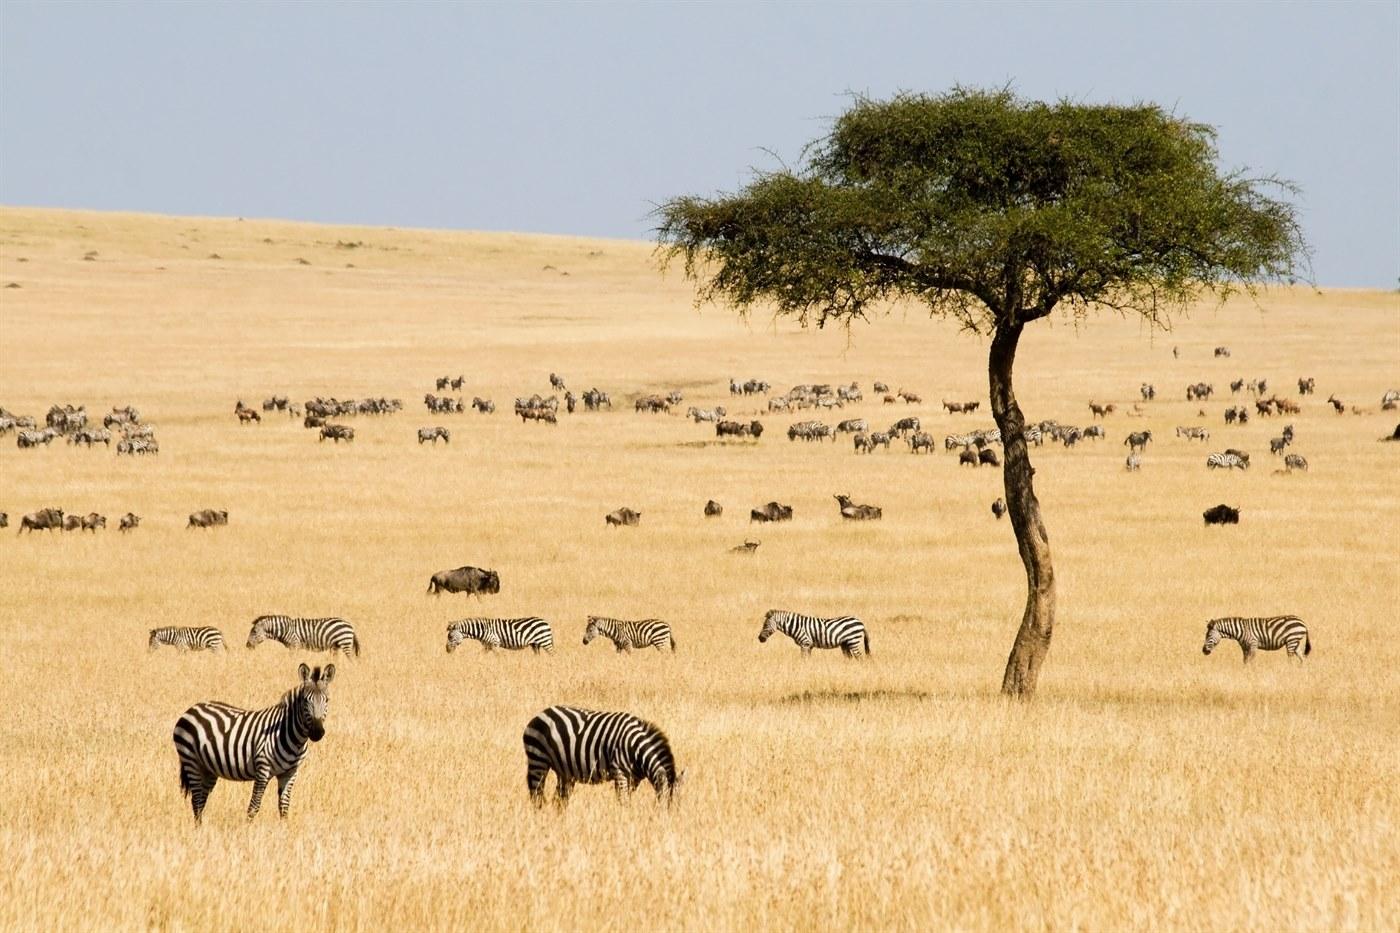 8-Day Trip to Kenya - Exploring Game Reserves, Big 5 Sighting 1